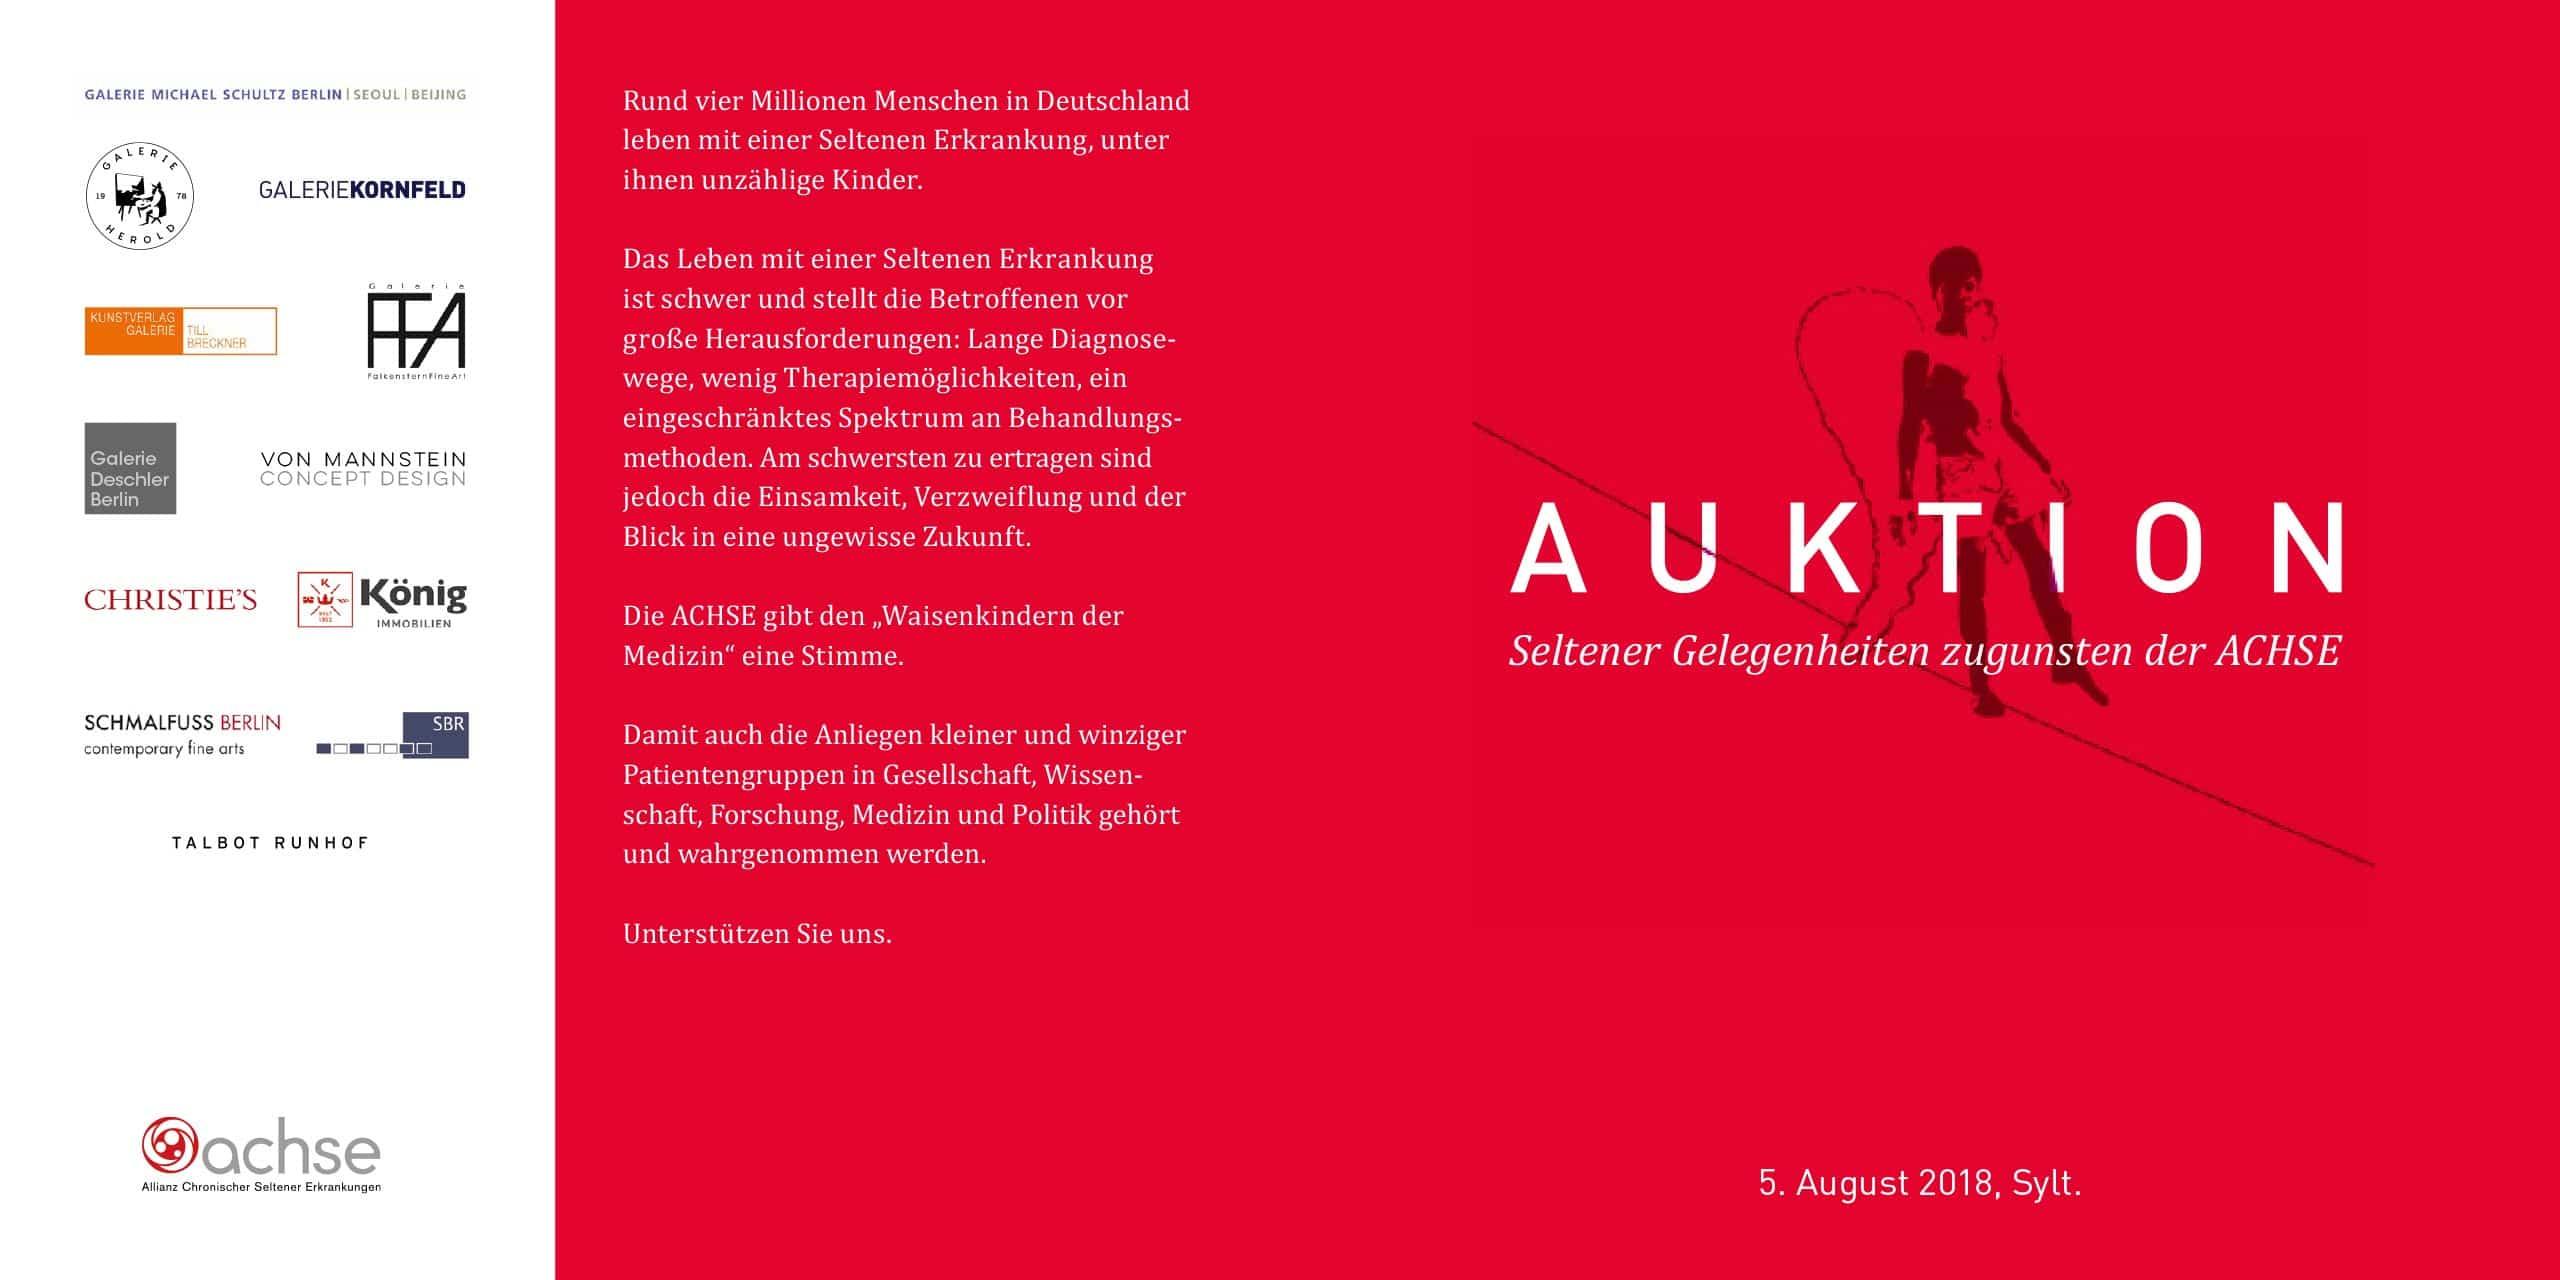 Auktion Seltener Gelegenheiten zugunsten der Achse – 5. August 2018, Sylt.